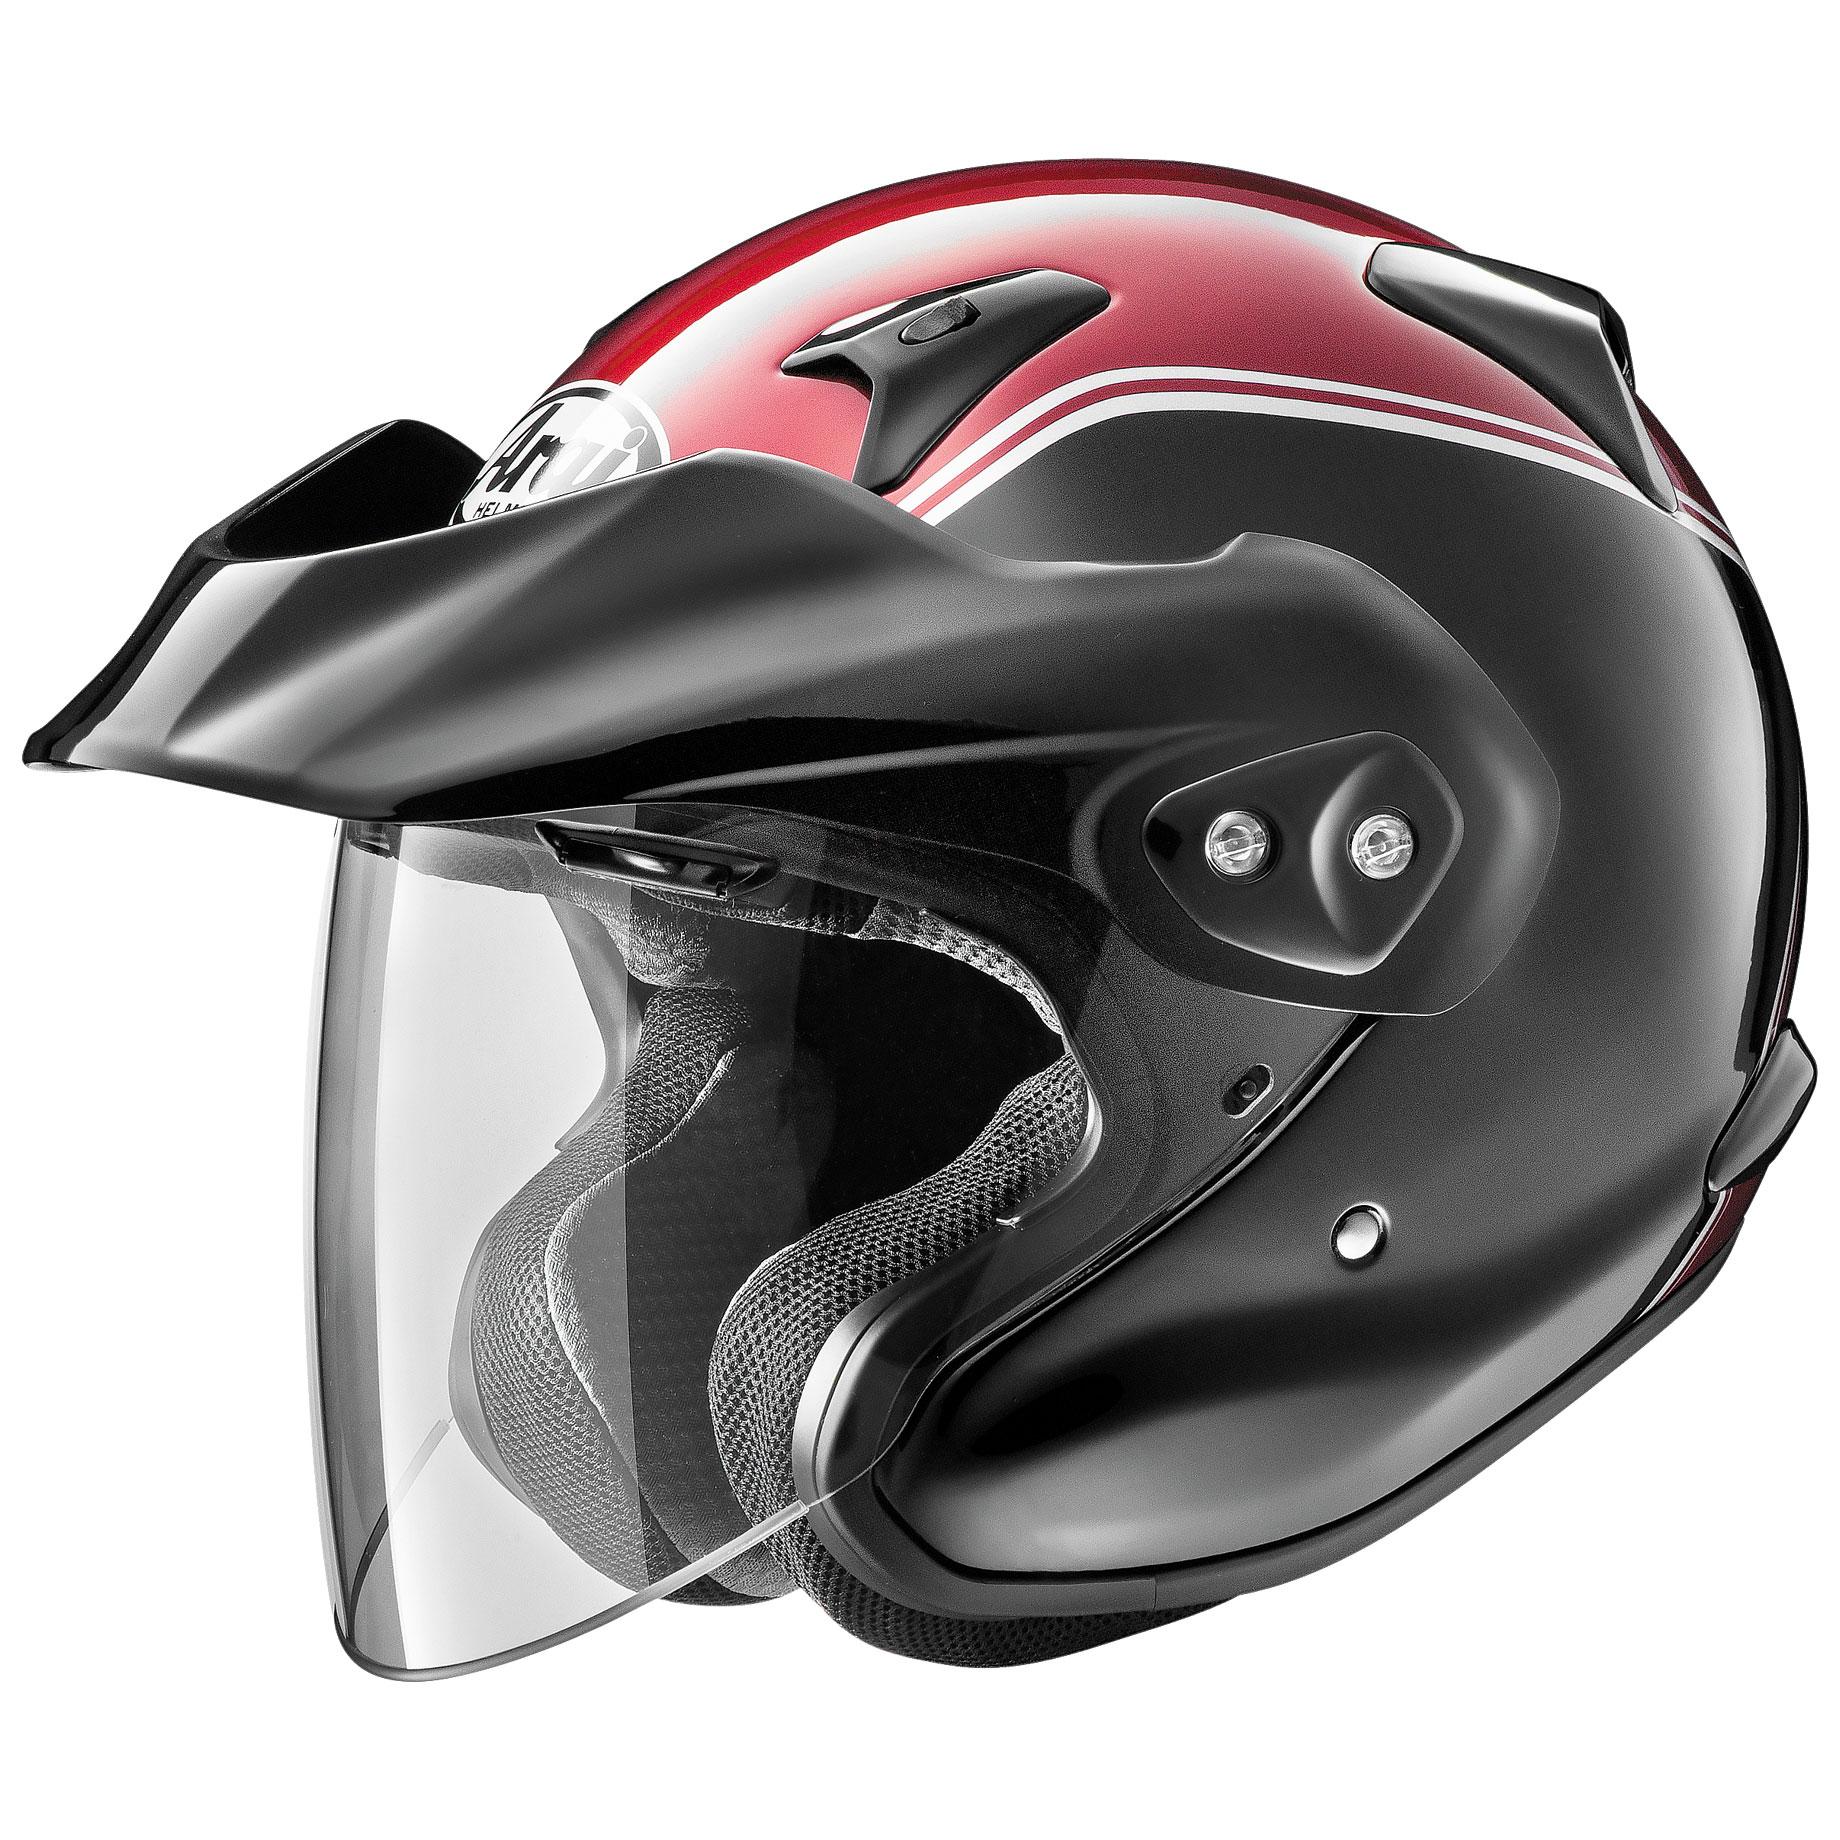 Arai XC-W Gold Wing Red Open Face Helmet